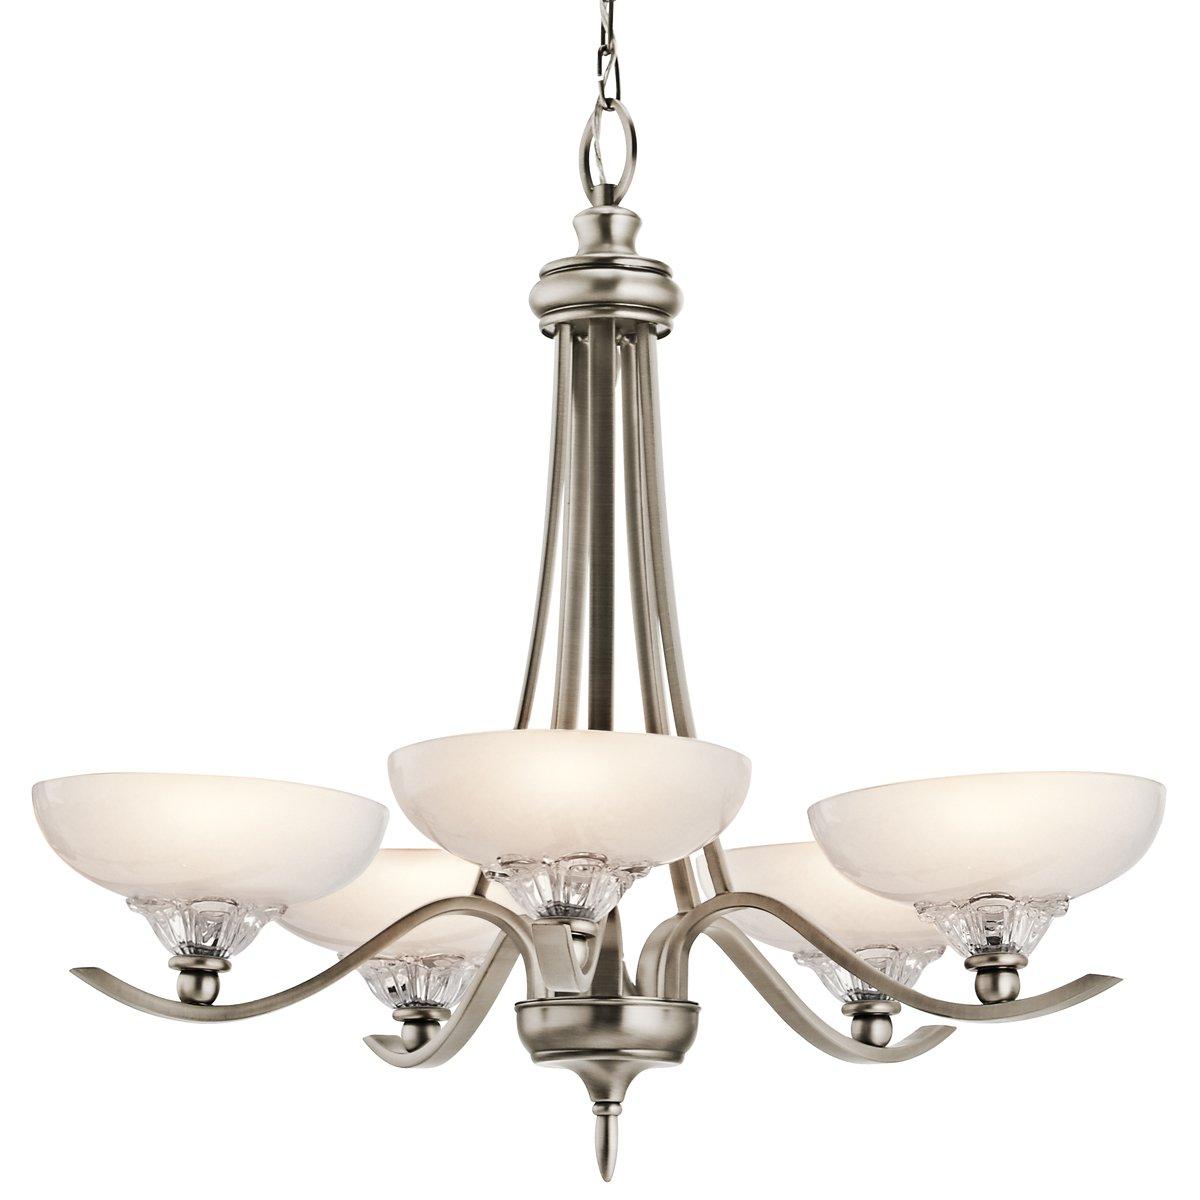 Kichler lighting 42367ap 5 light kaelah chandelier antique pewter kichler lighting 42367ap 5 light kaelah chandelier antique pewter aloadofball Images